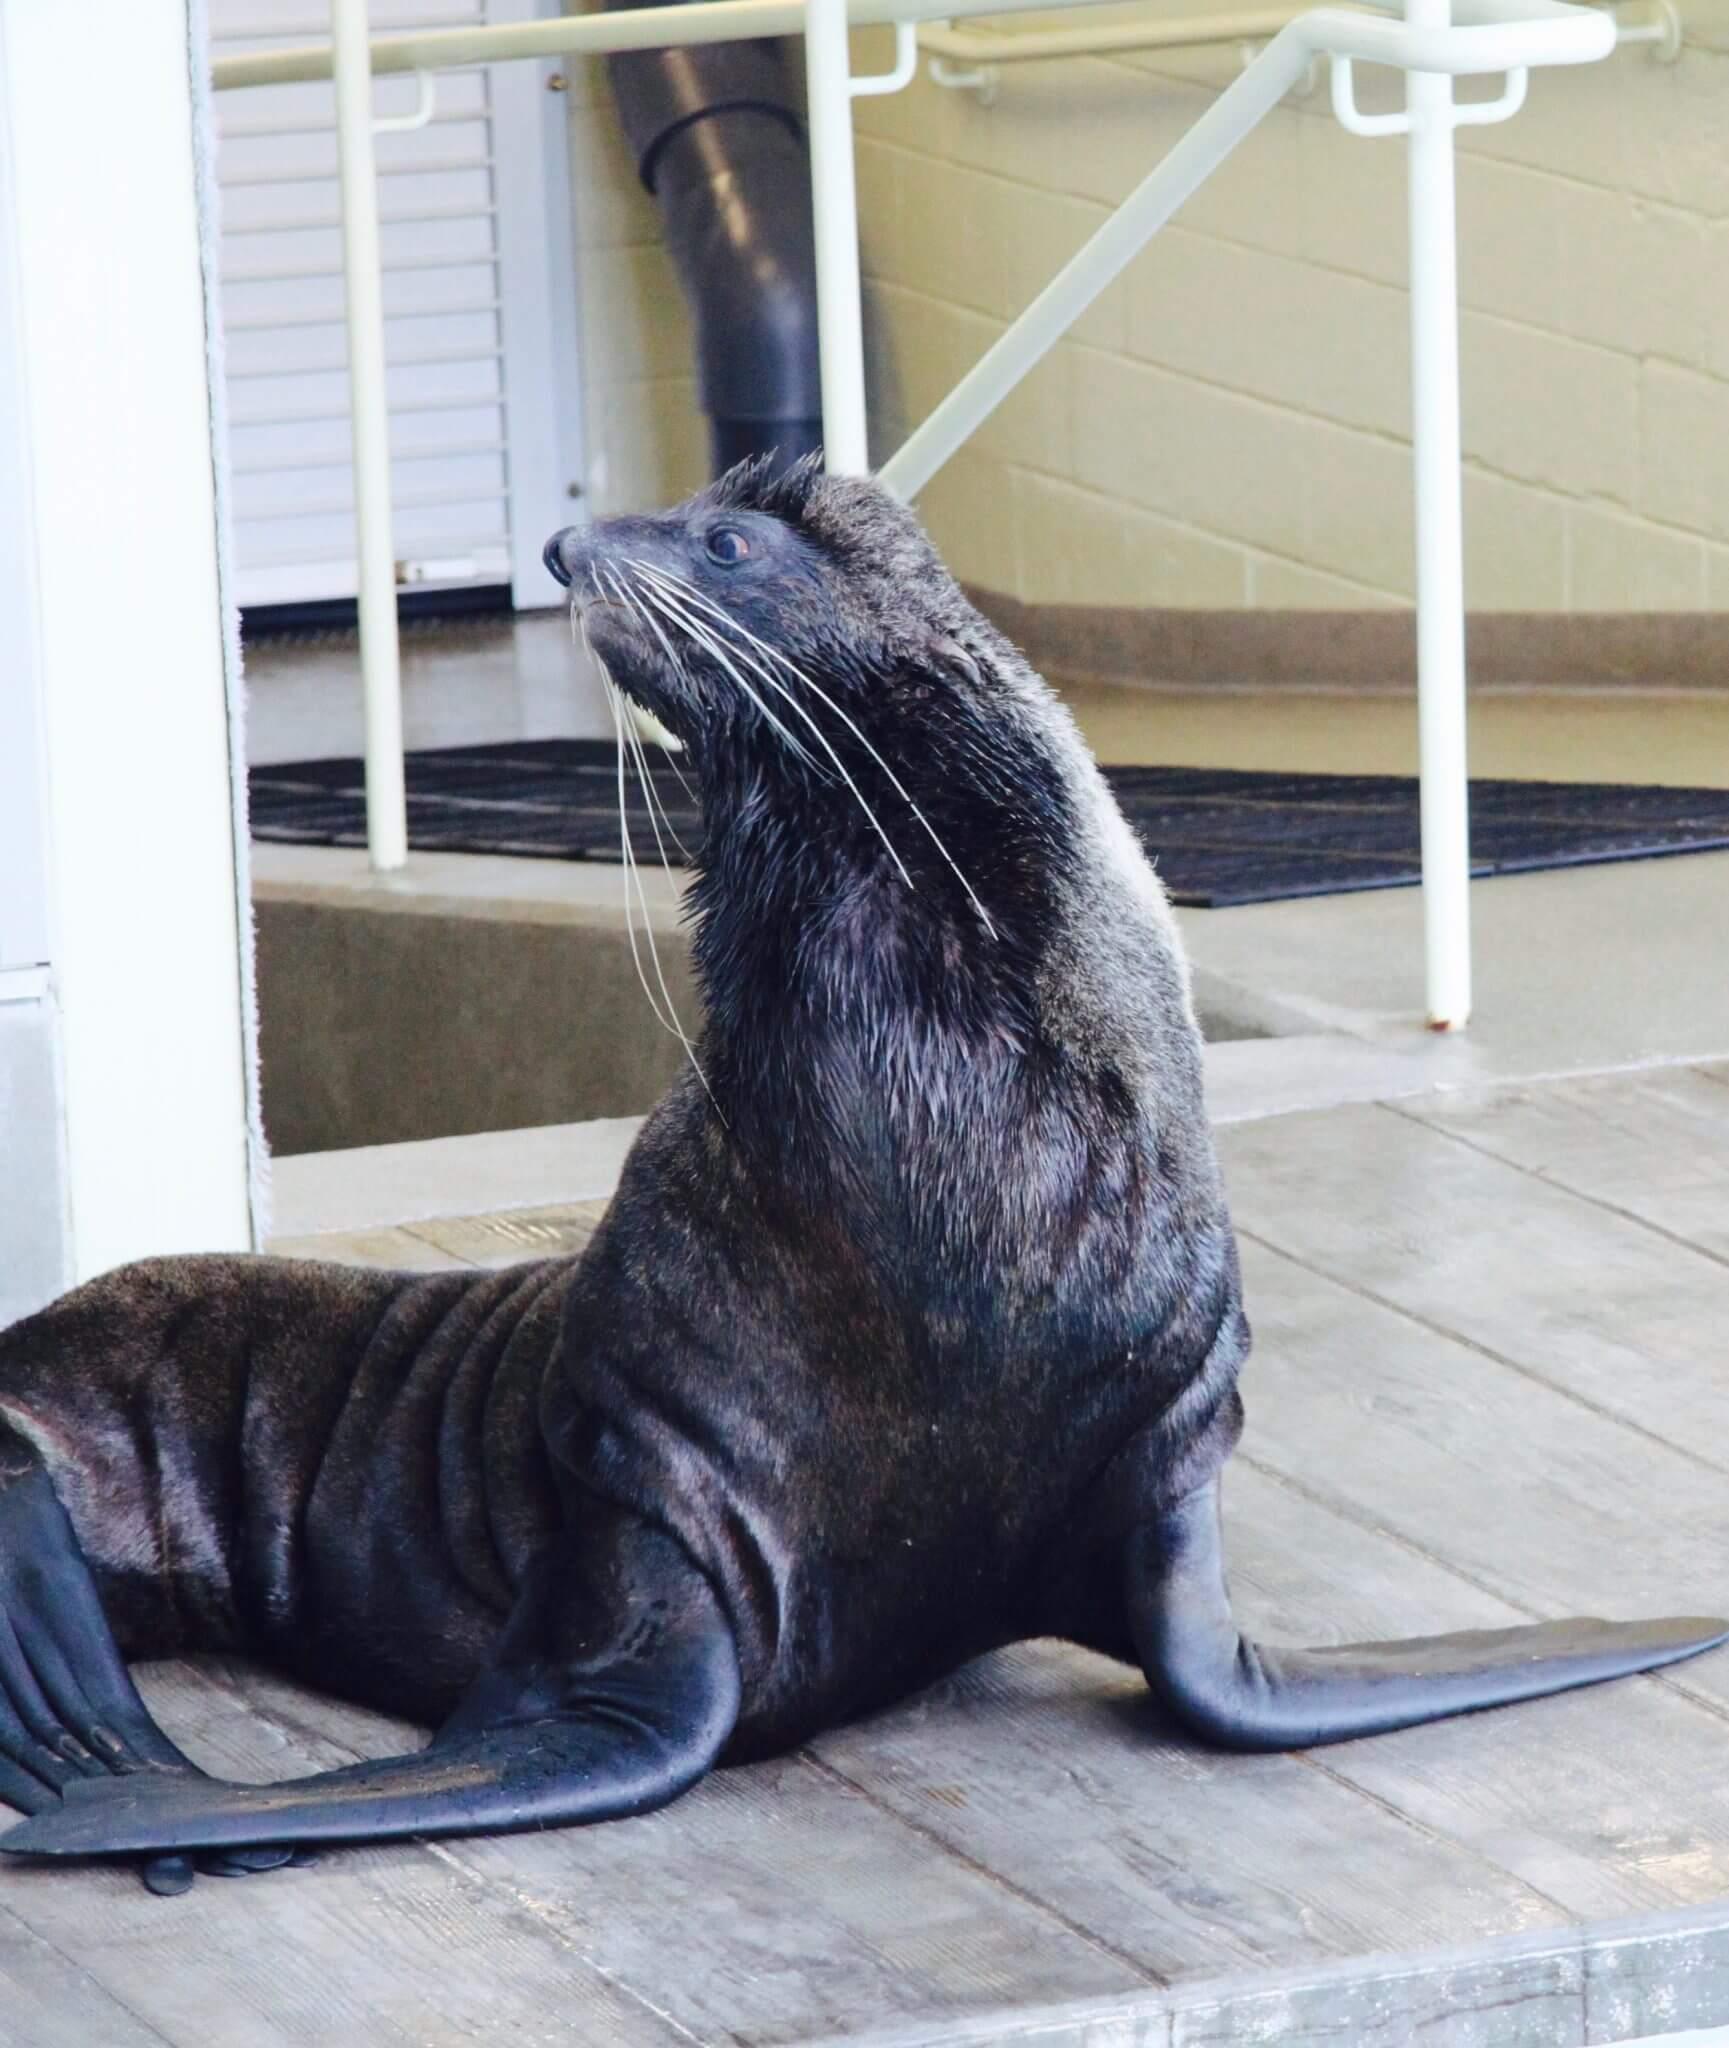 visiter l'aquarium de boston